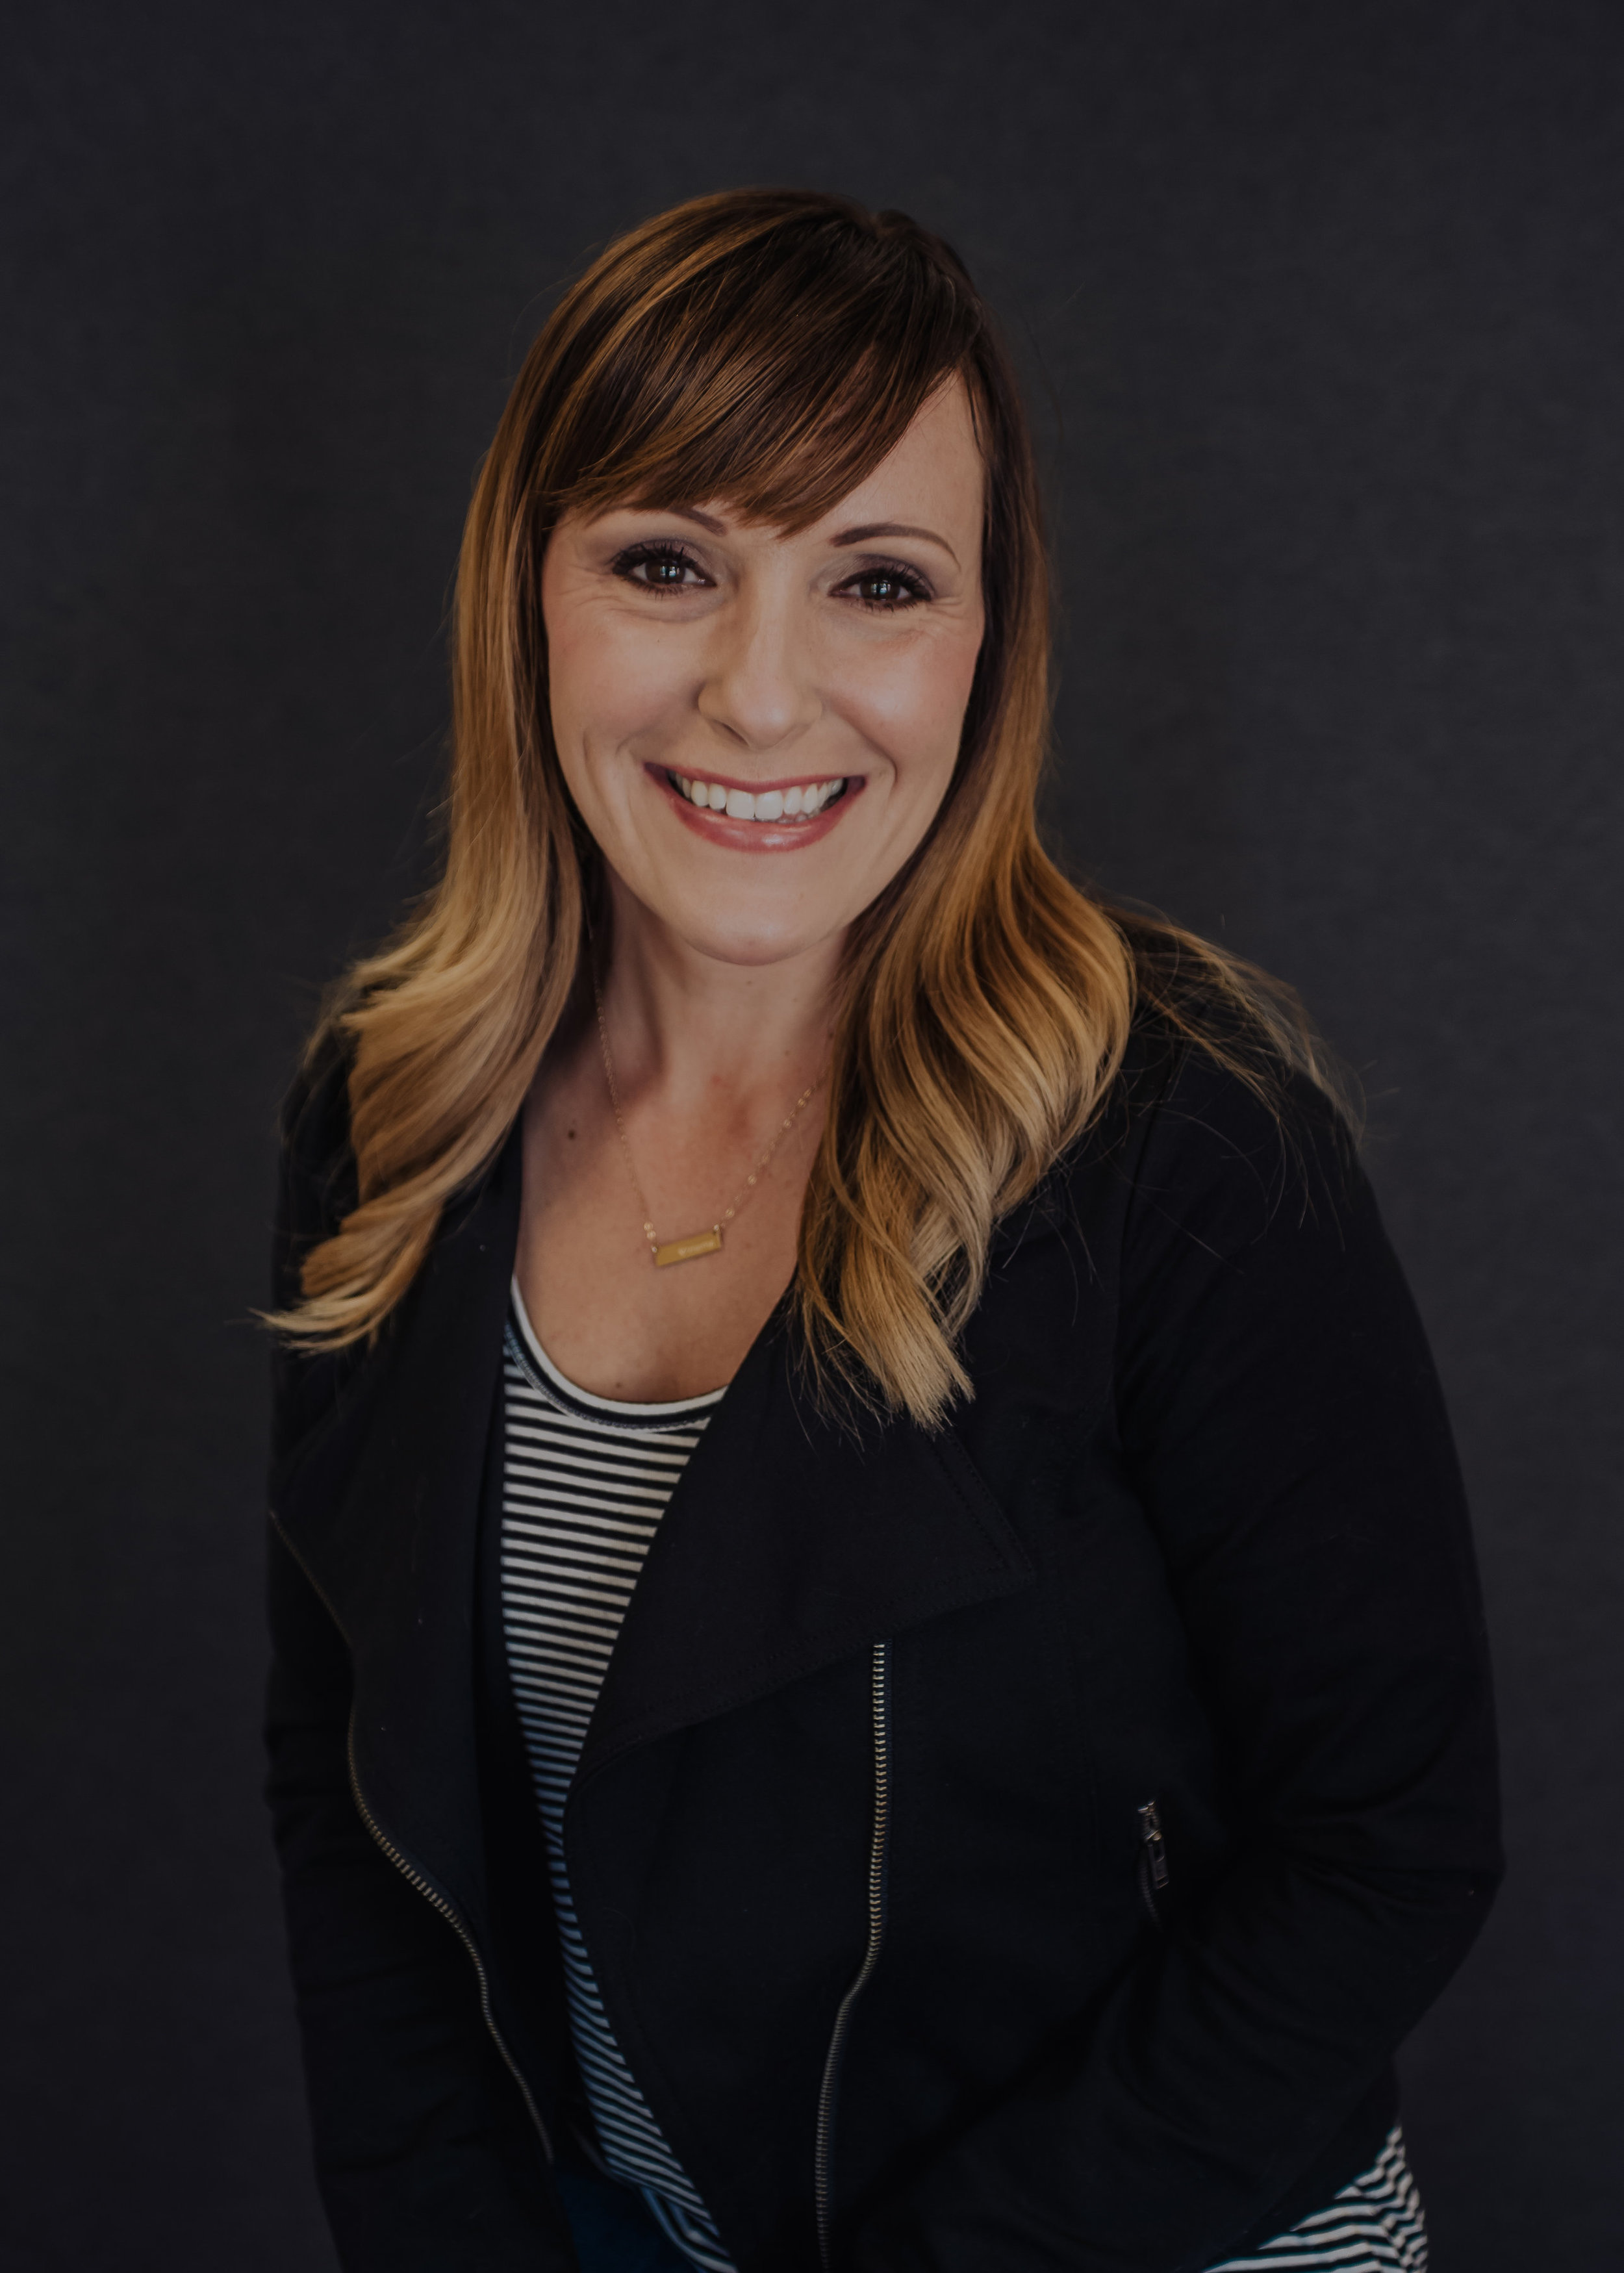 Lisa Zalunardo